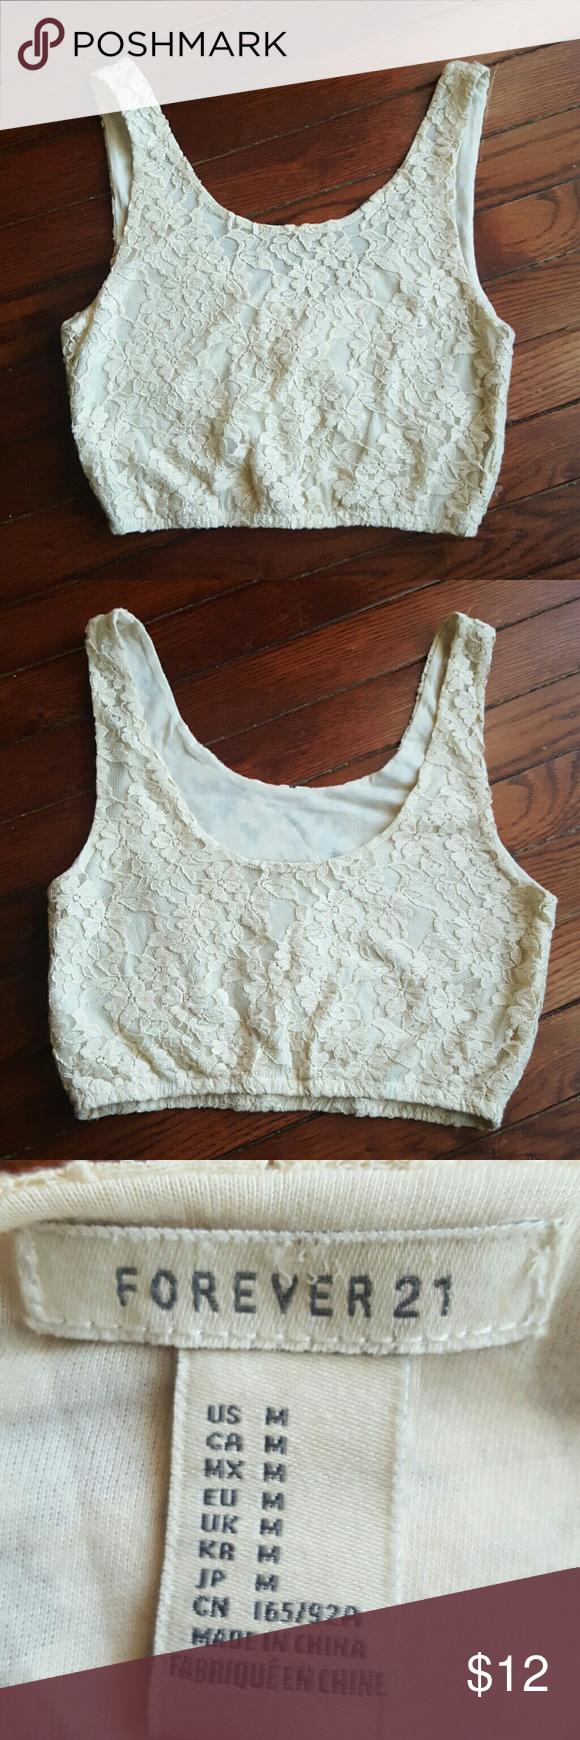 275ab356d621f Cream Floral Lace Crochet Knit Crop Top Tank Floral lace and crochet knit crop  top tank